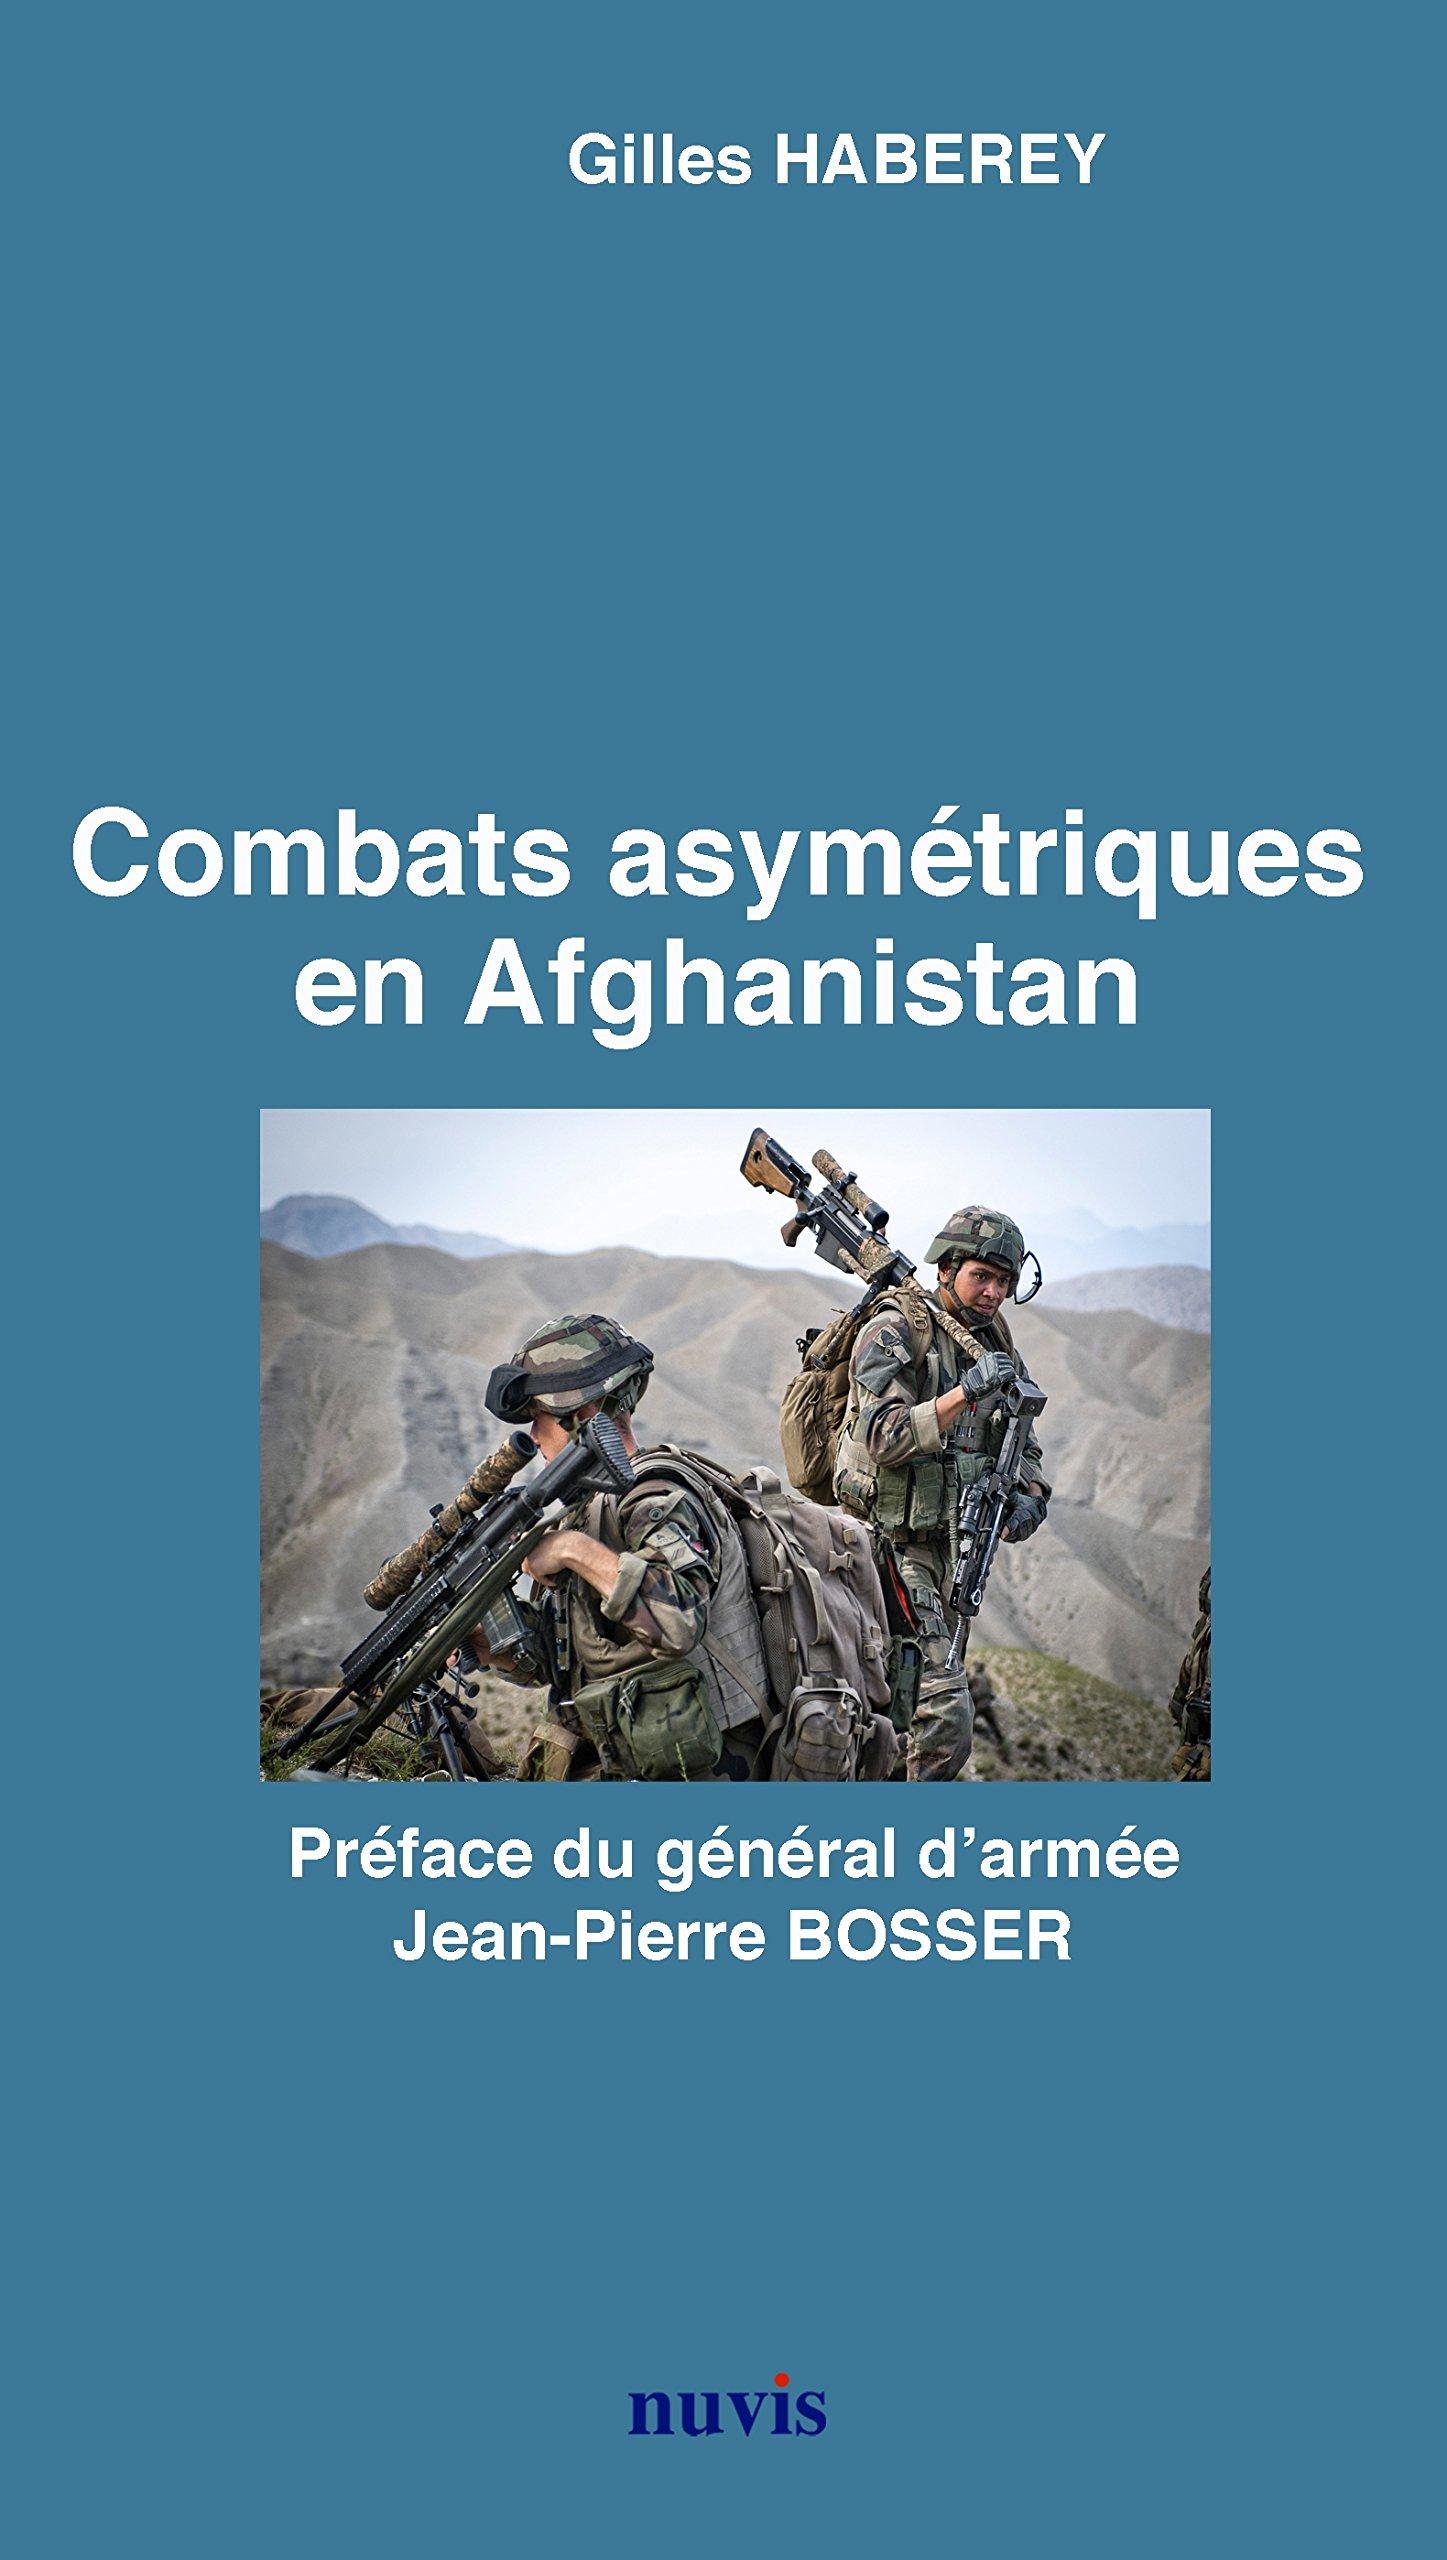 combats-asymetriques-en-afghanistan-gilles-haberey